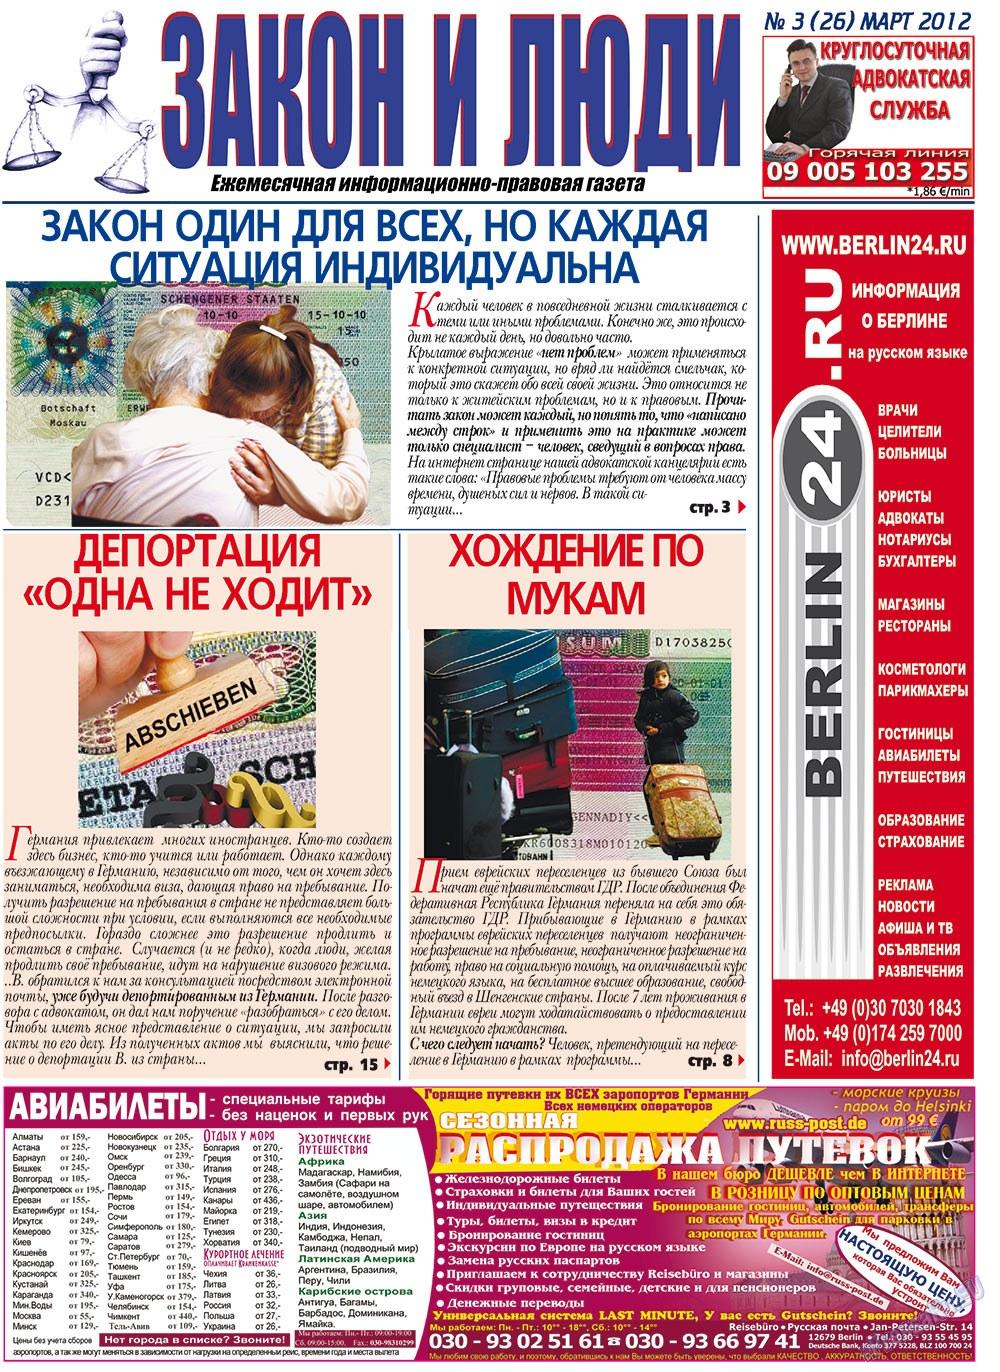 Закон и люди (газета). 2012 год, номер 3, стр. 1